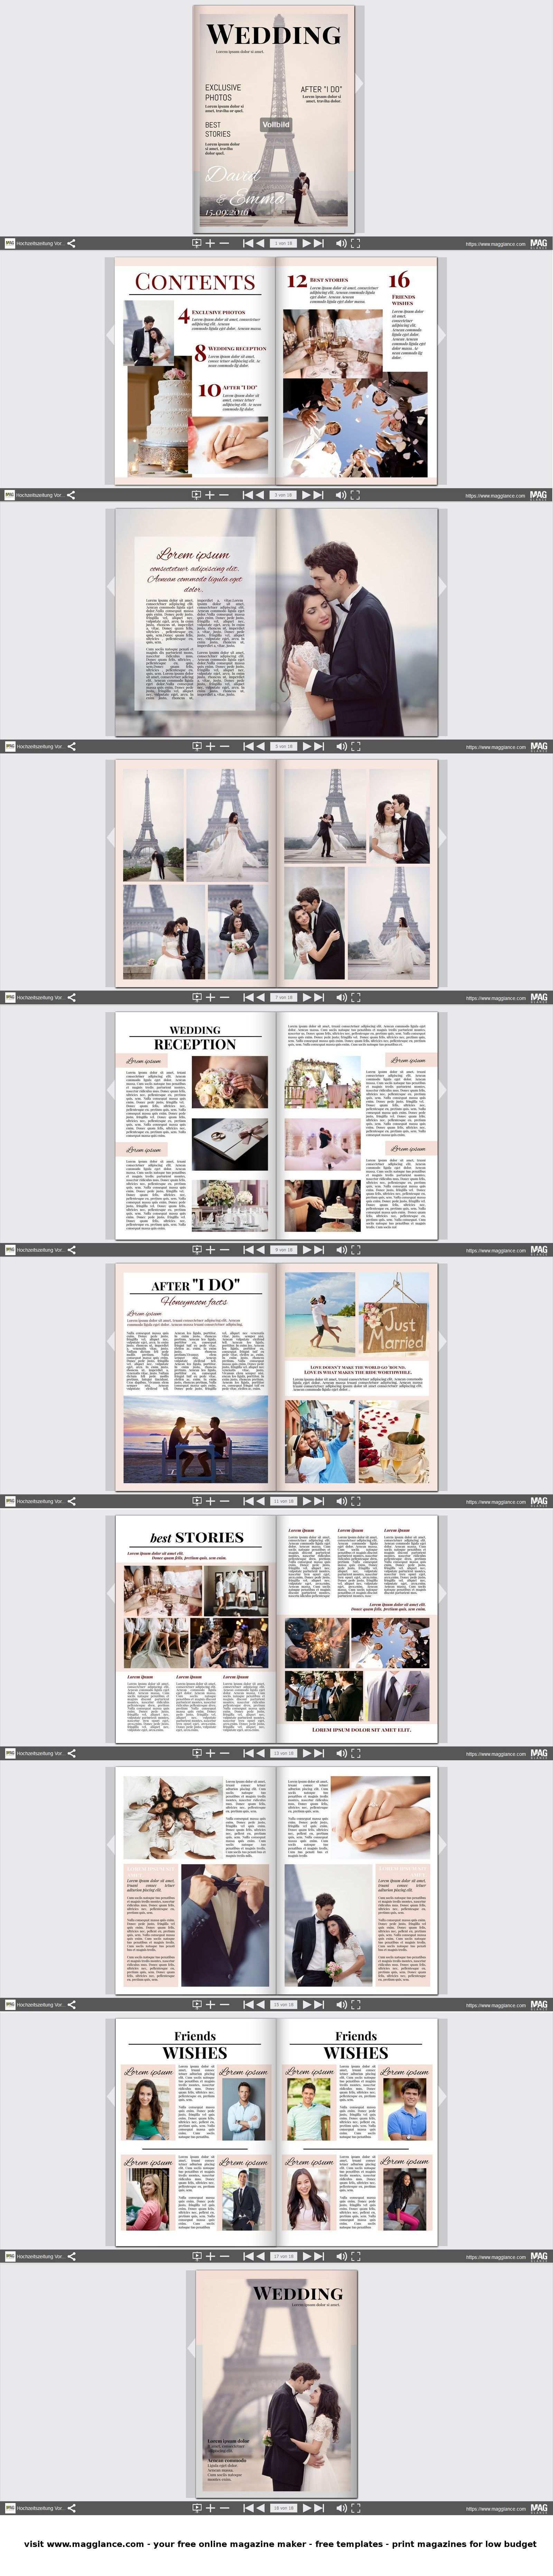 Hochzeitszeitung Kostenlos Online Erstellen Und Gunstig Drucken Unter De Magglance Com Zeitung Mag Hochzeitszeitung Hochzeitszeitung Ideen Hochzeit Broschure